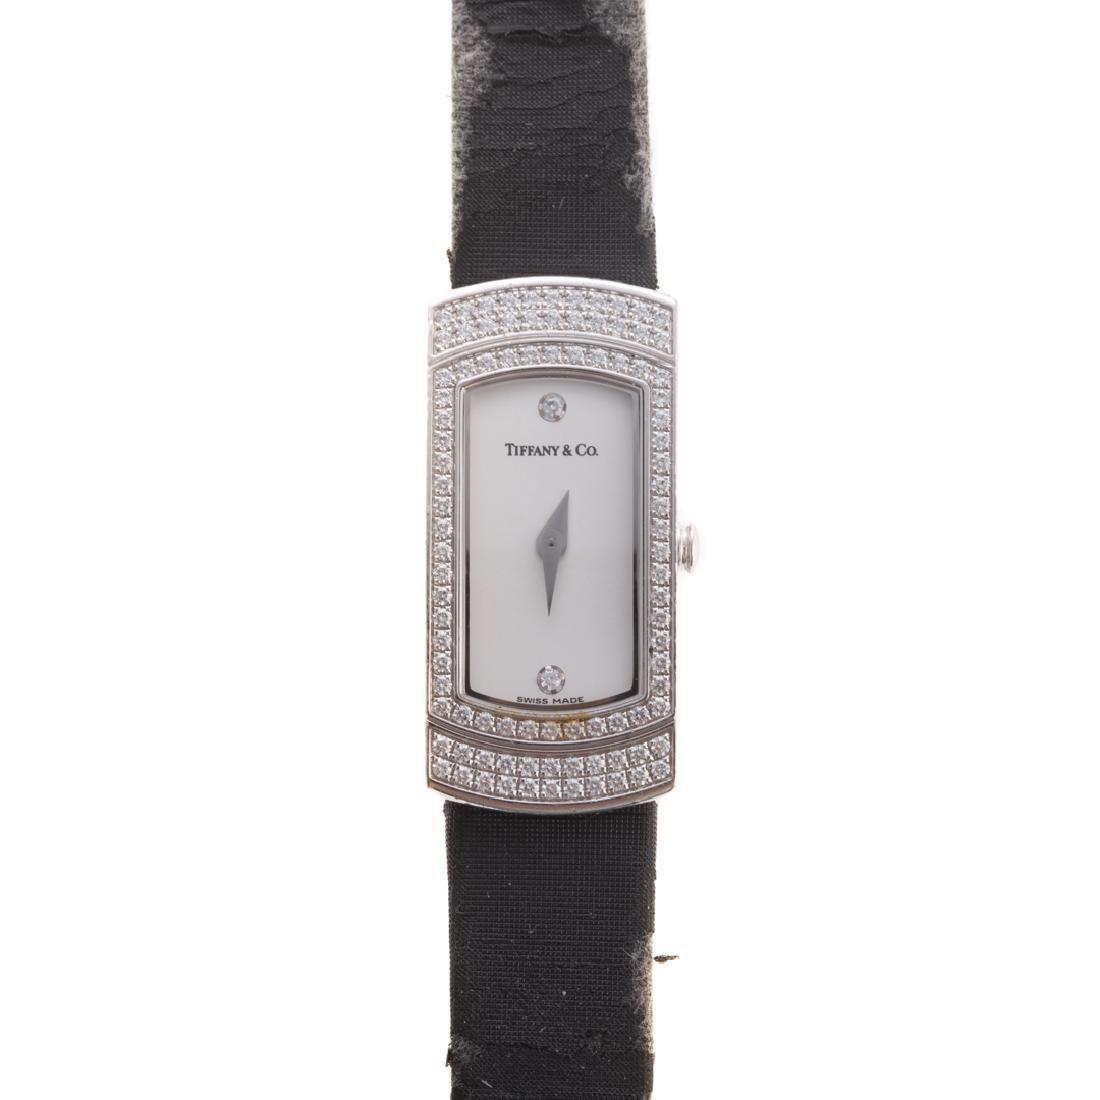 A Lady's Tiffany & Co. Diamond Watch in 18K